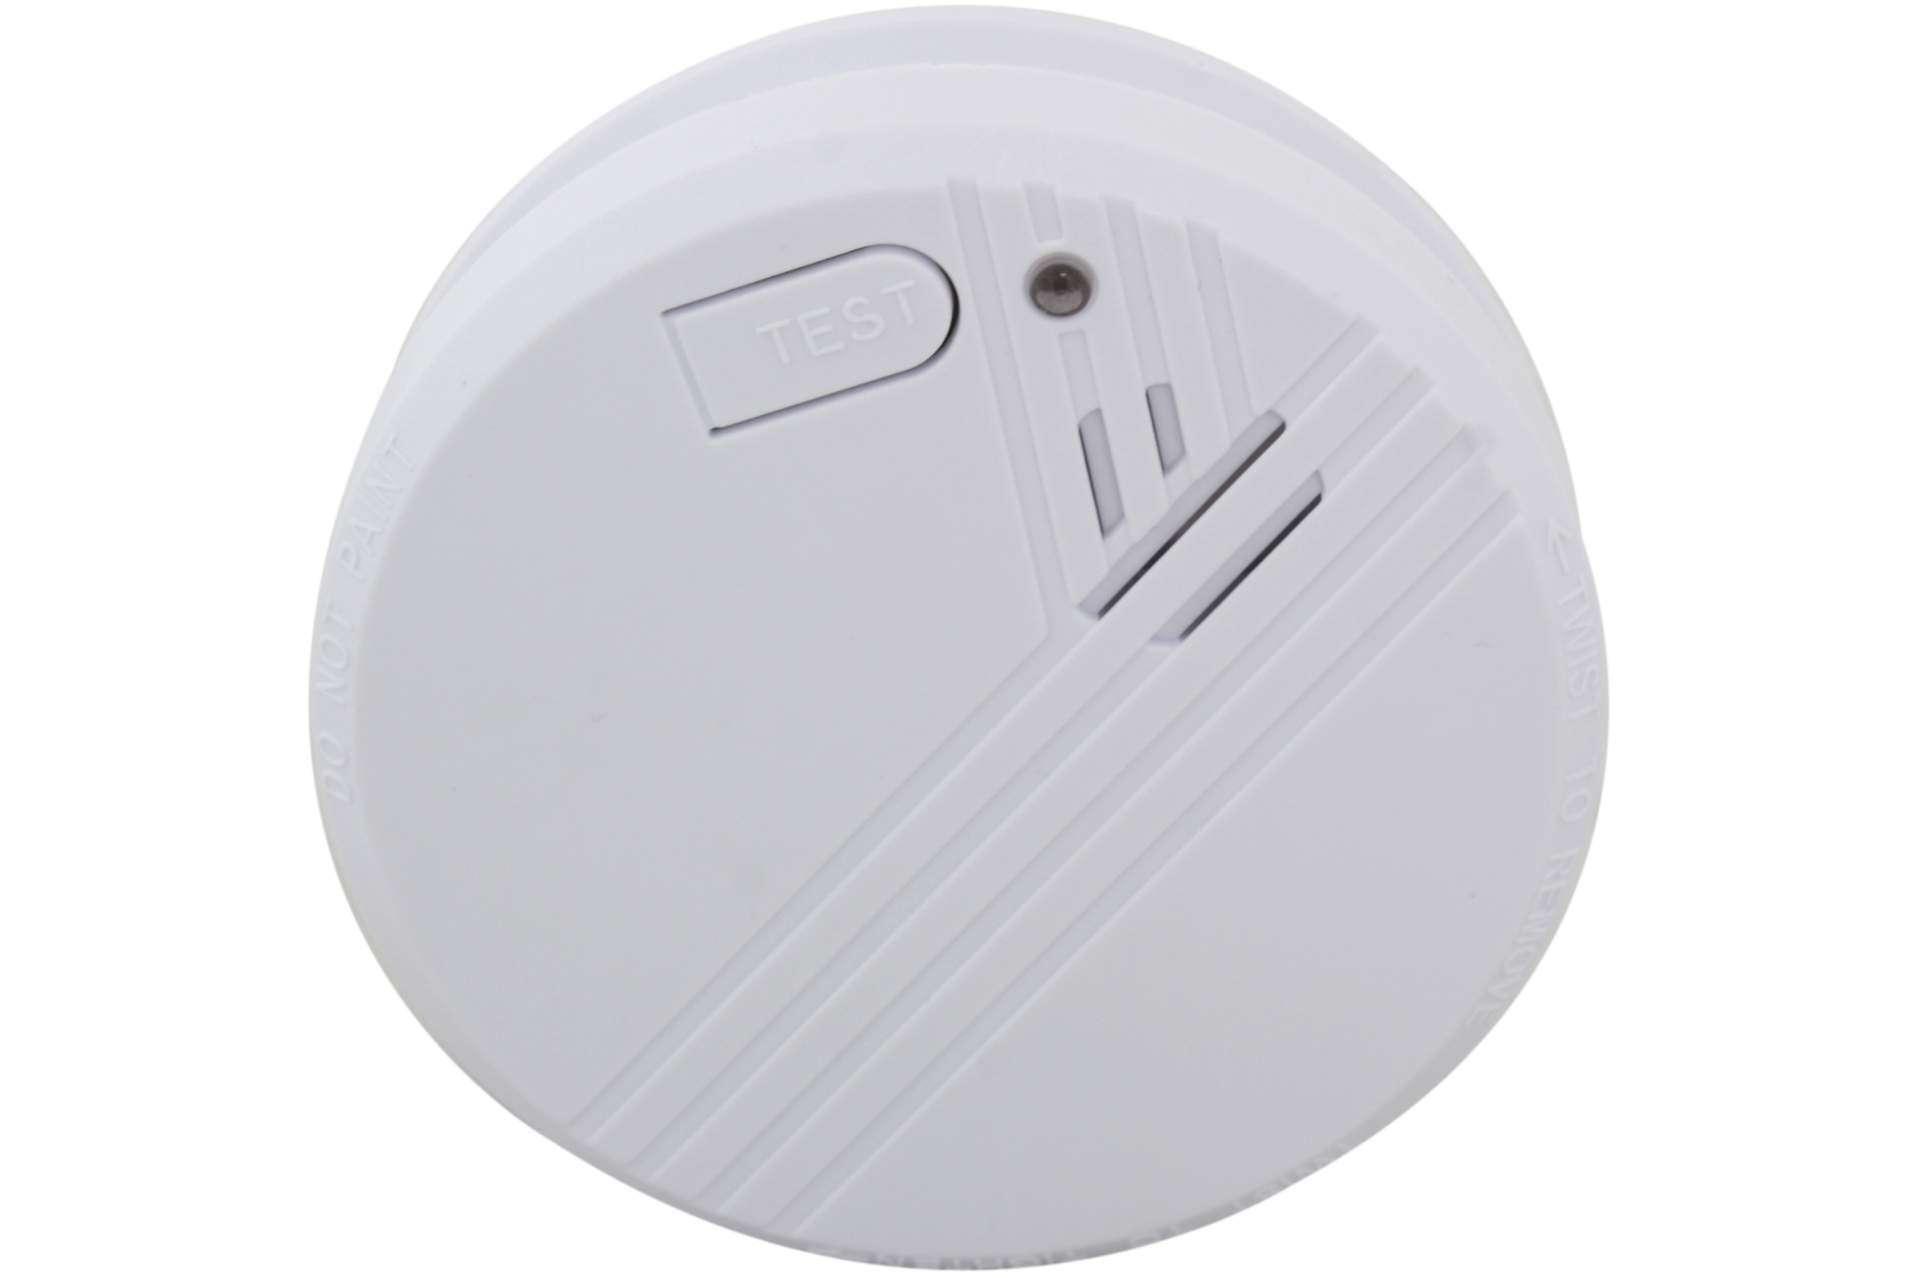 Rauchmelder Brandmeldmelder Feuermelder Lieferumfang Melder Batterie in der